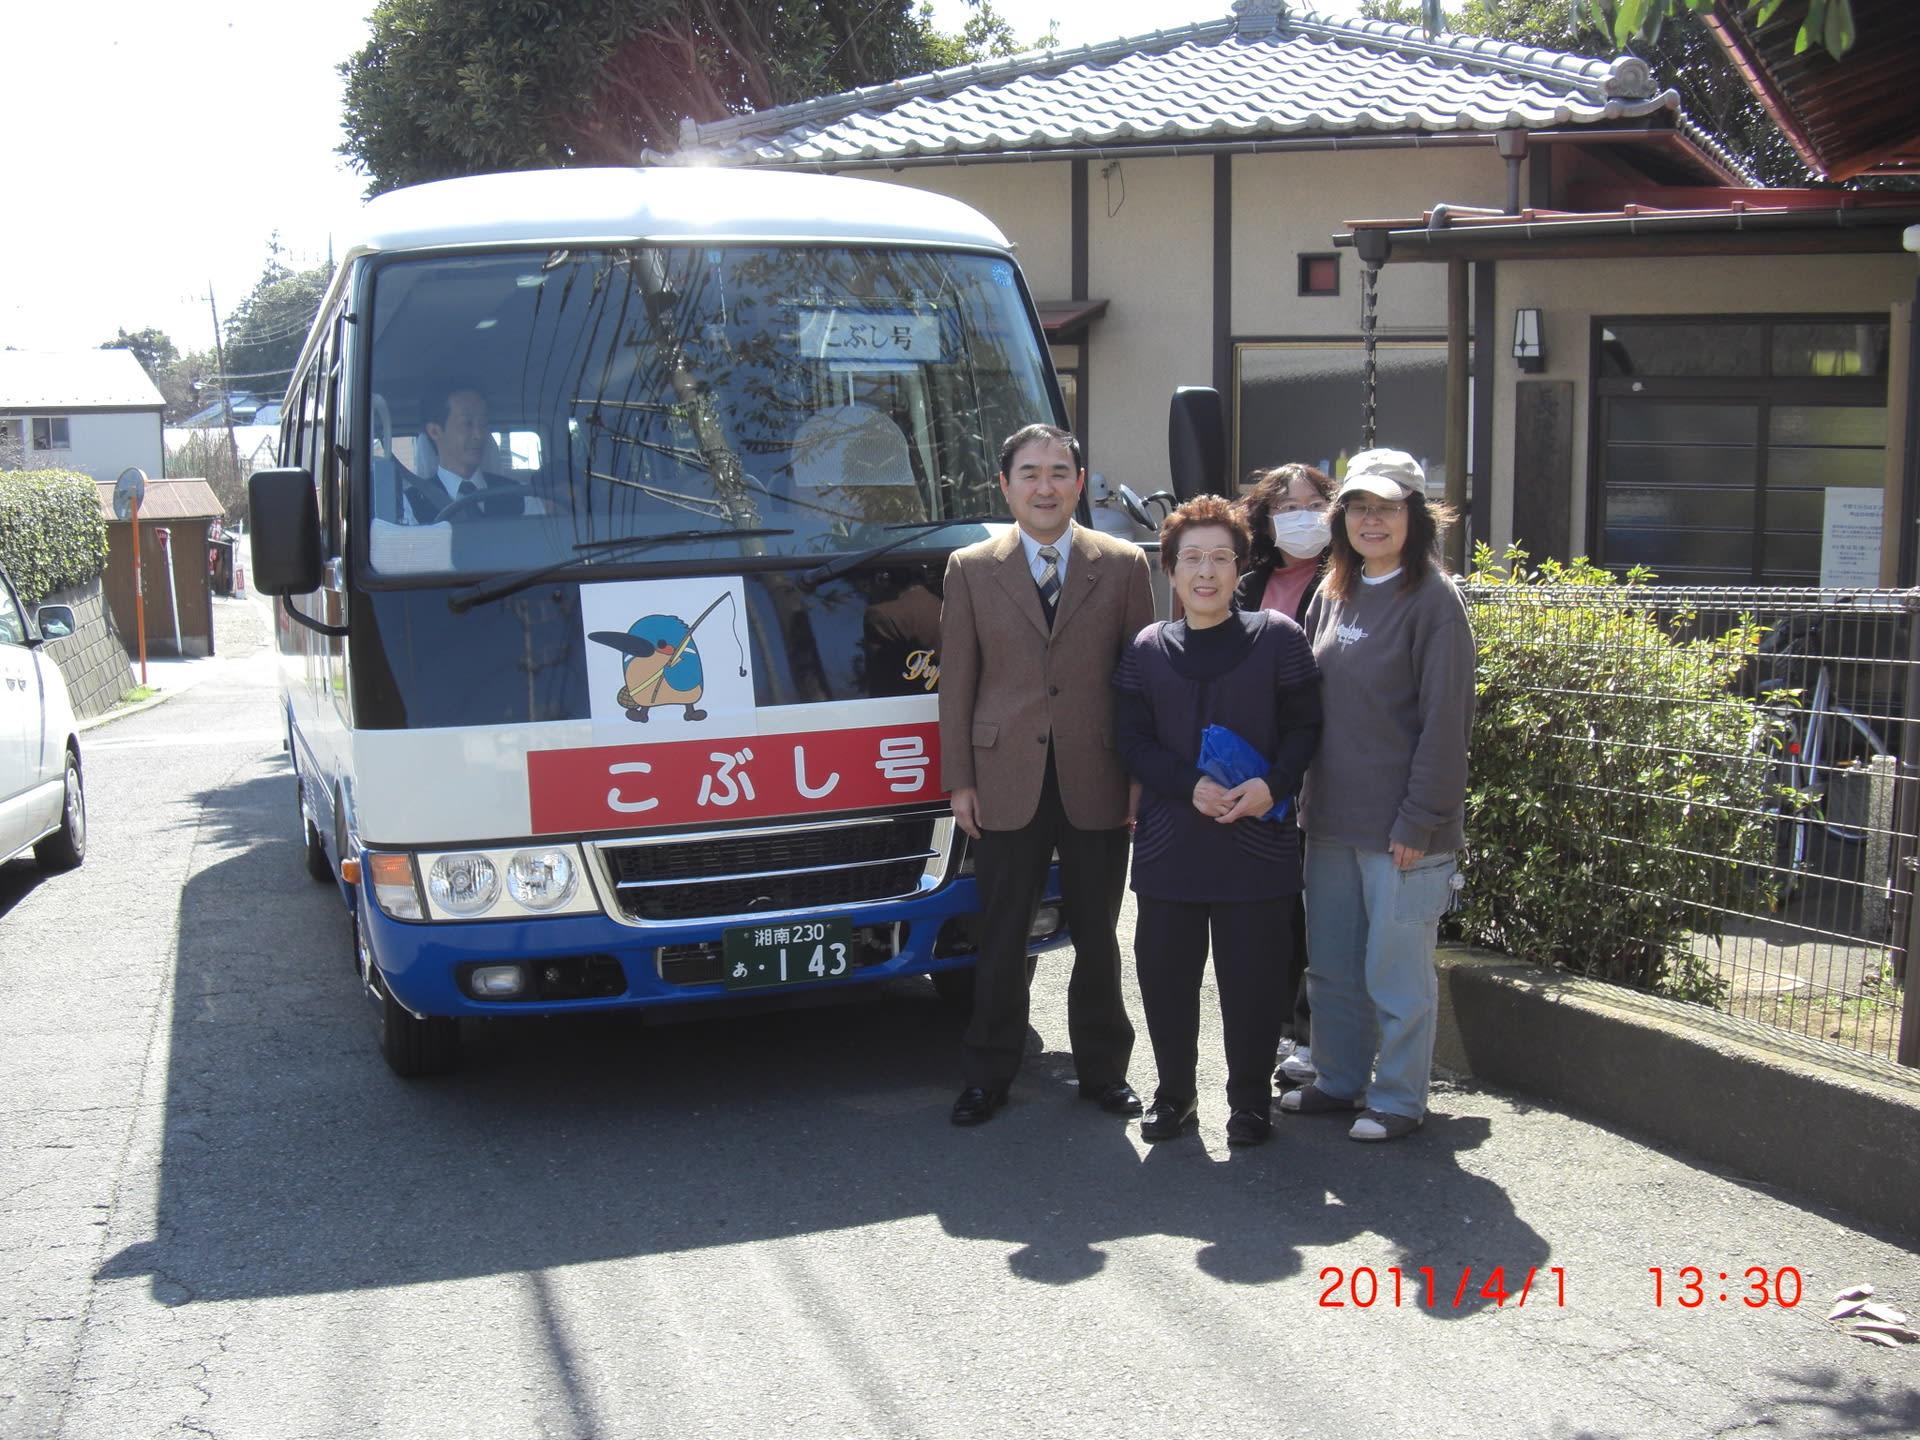 こぶし号(高齢者福祉バス)が来た。 - 藤沢市市議会議員ますいひでおブログ